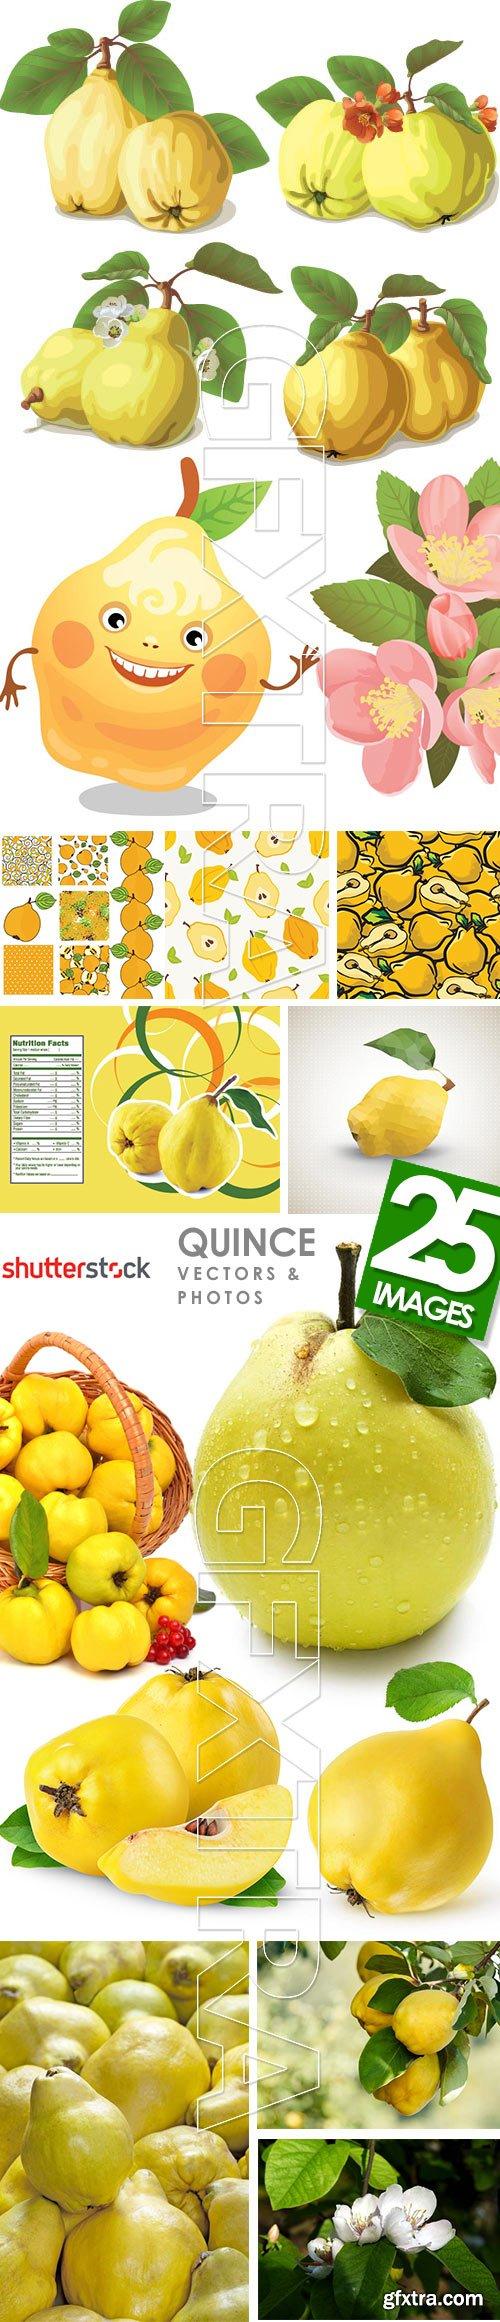 Quince Vectors & Photos 9xEPS, 16xJPG